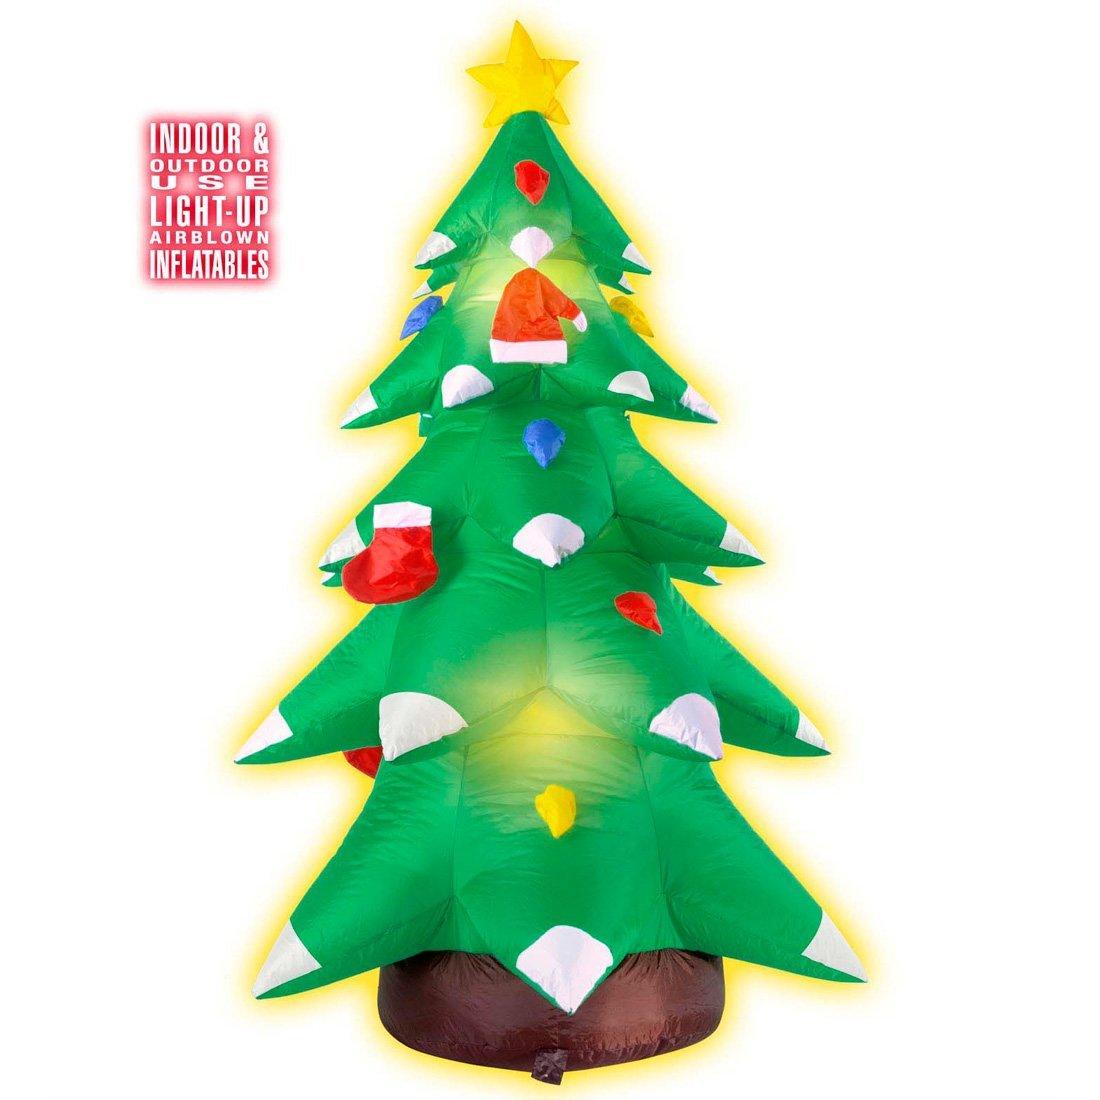 Árbol inflable de Navidad iluminado brillante pino decoración